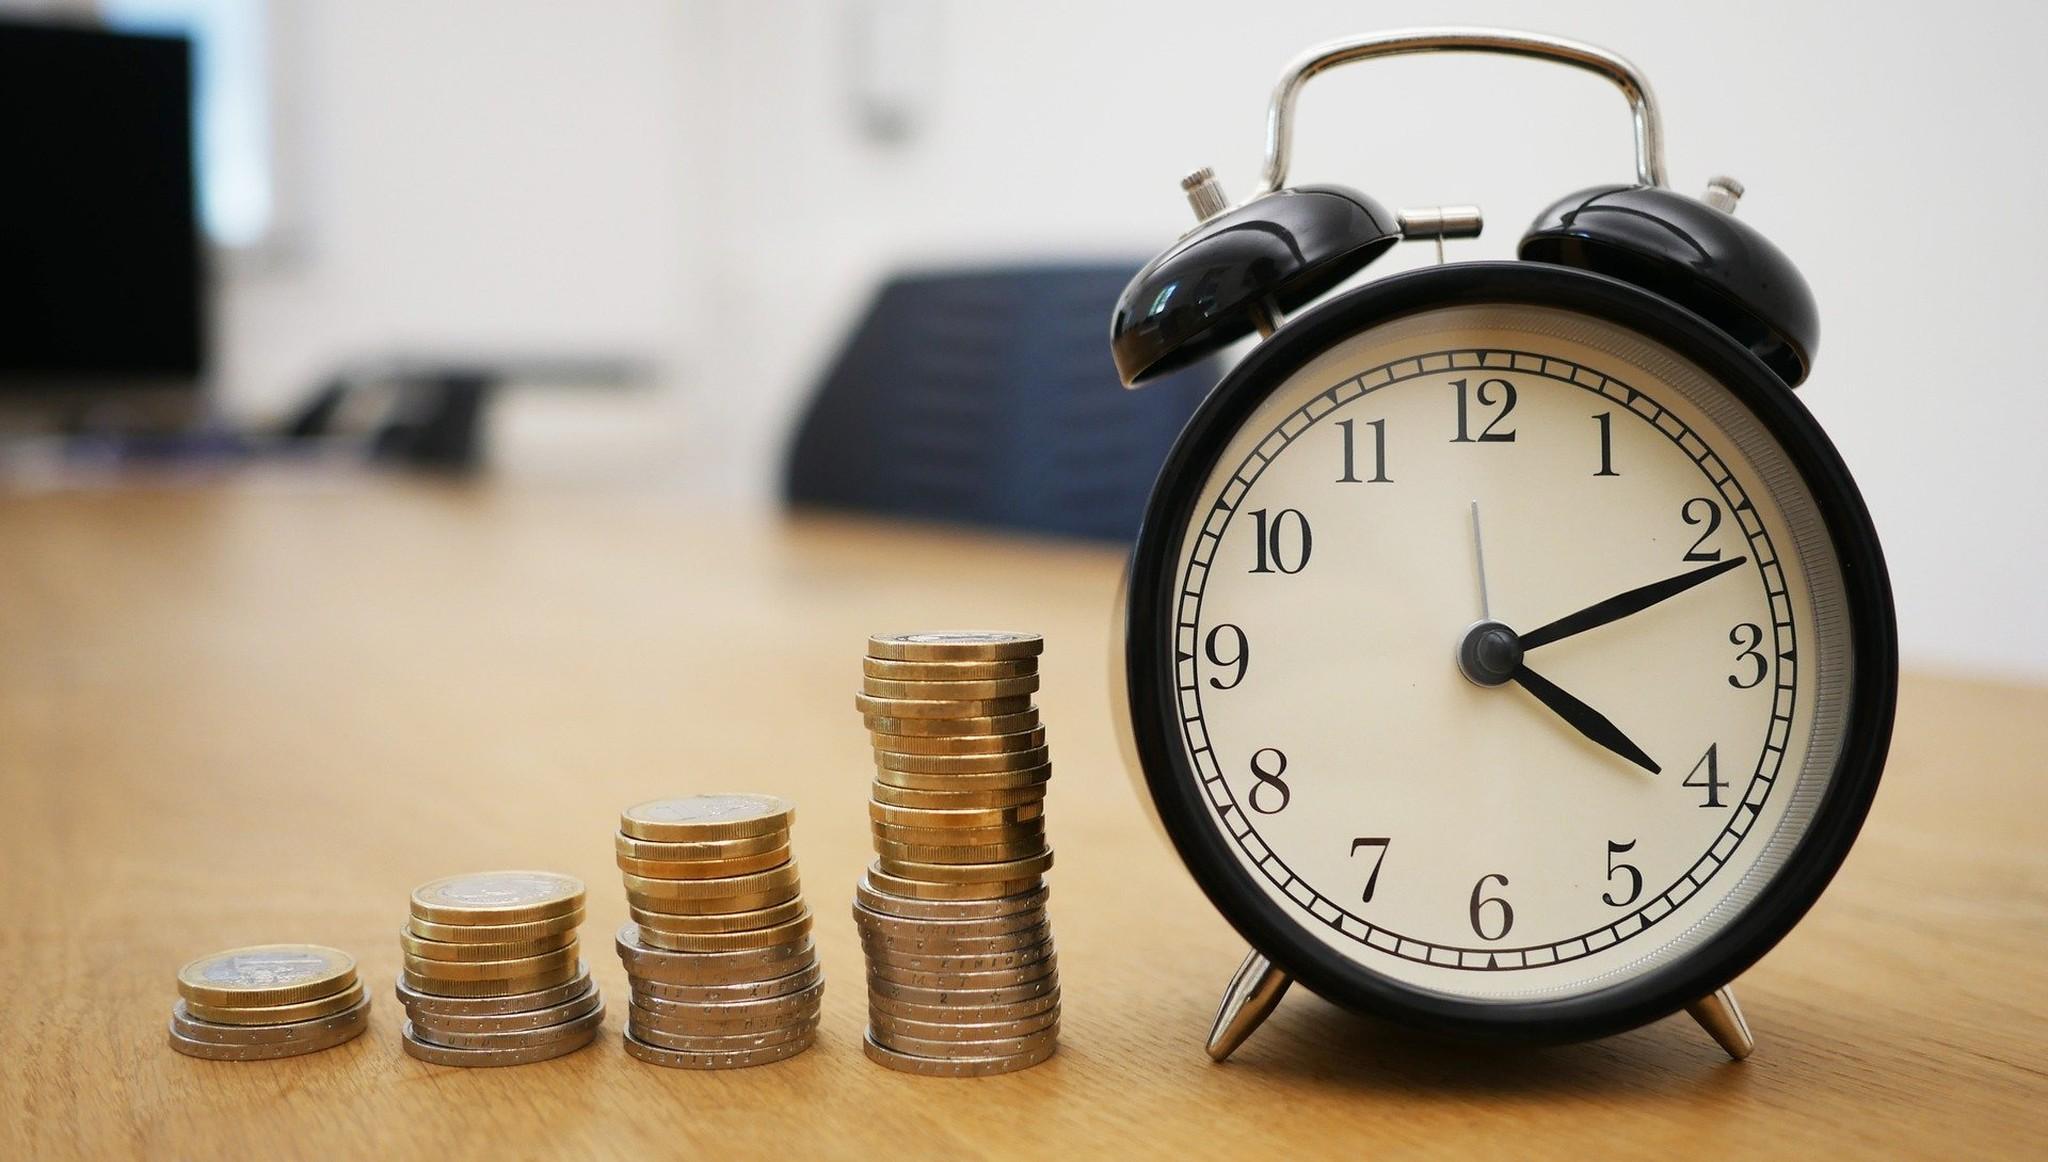 Жительница Тверской области взяла займ под 365% годовых и задолжала более 80 тысяч рублей